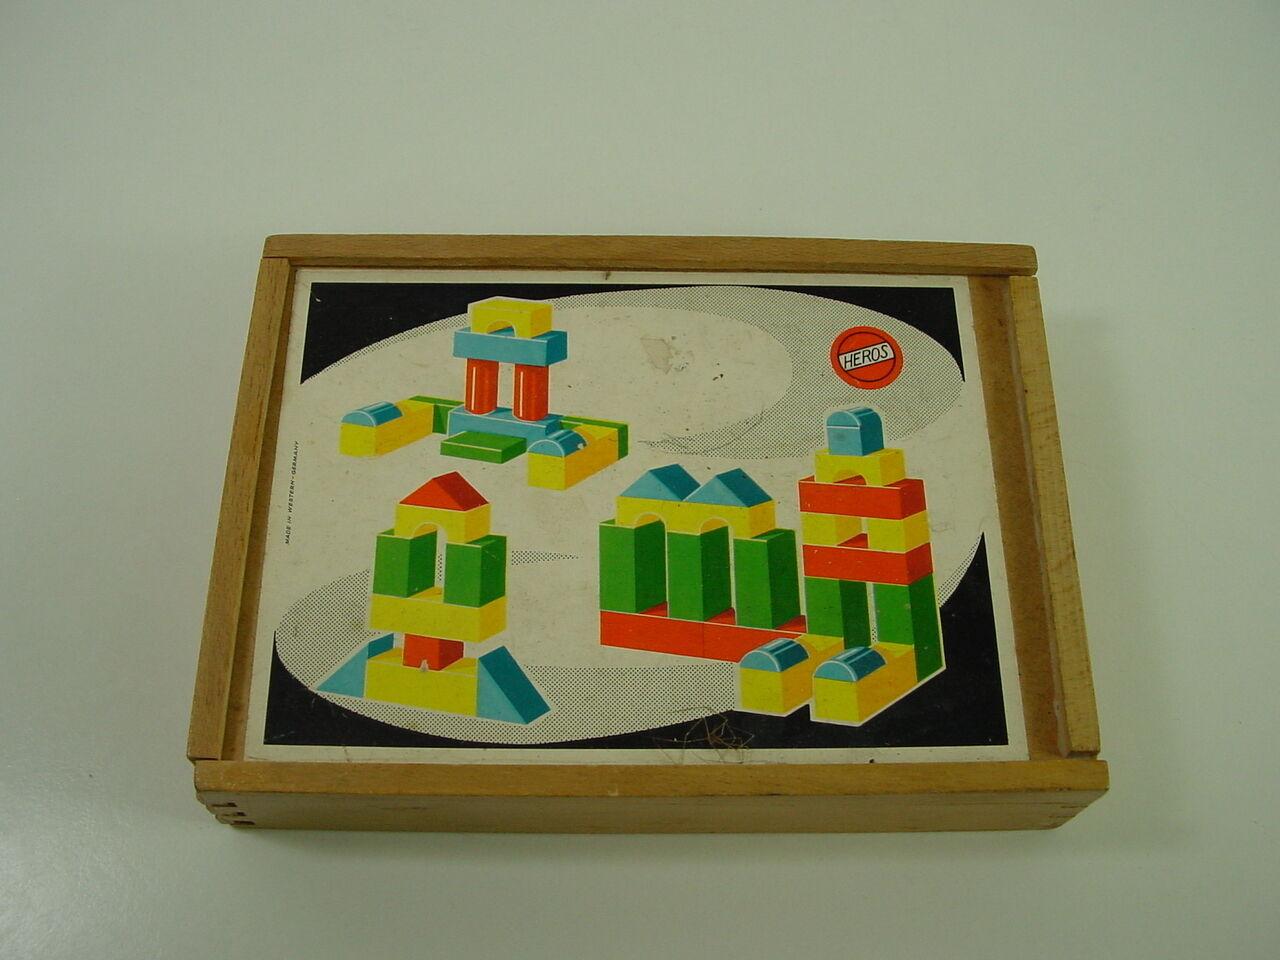 De edad avanzada Heros Heros Heros holzbaustein-recuadro, probablemente 50er 60er años juguetes de madera, juego d073a5